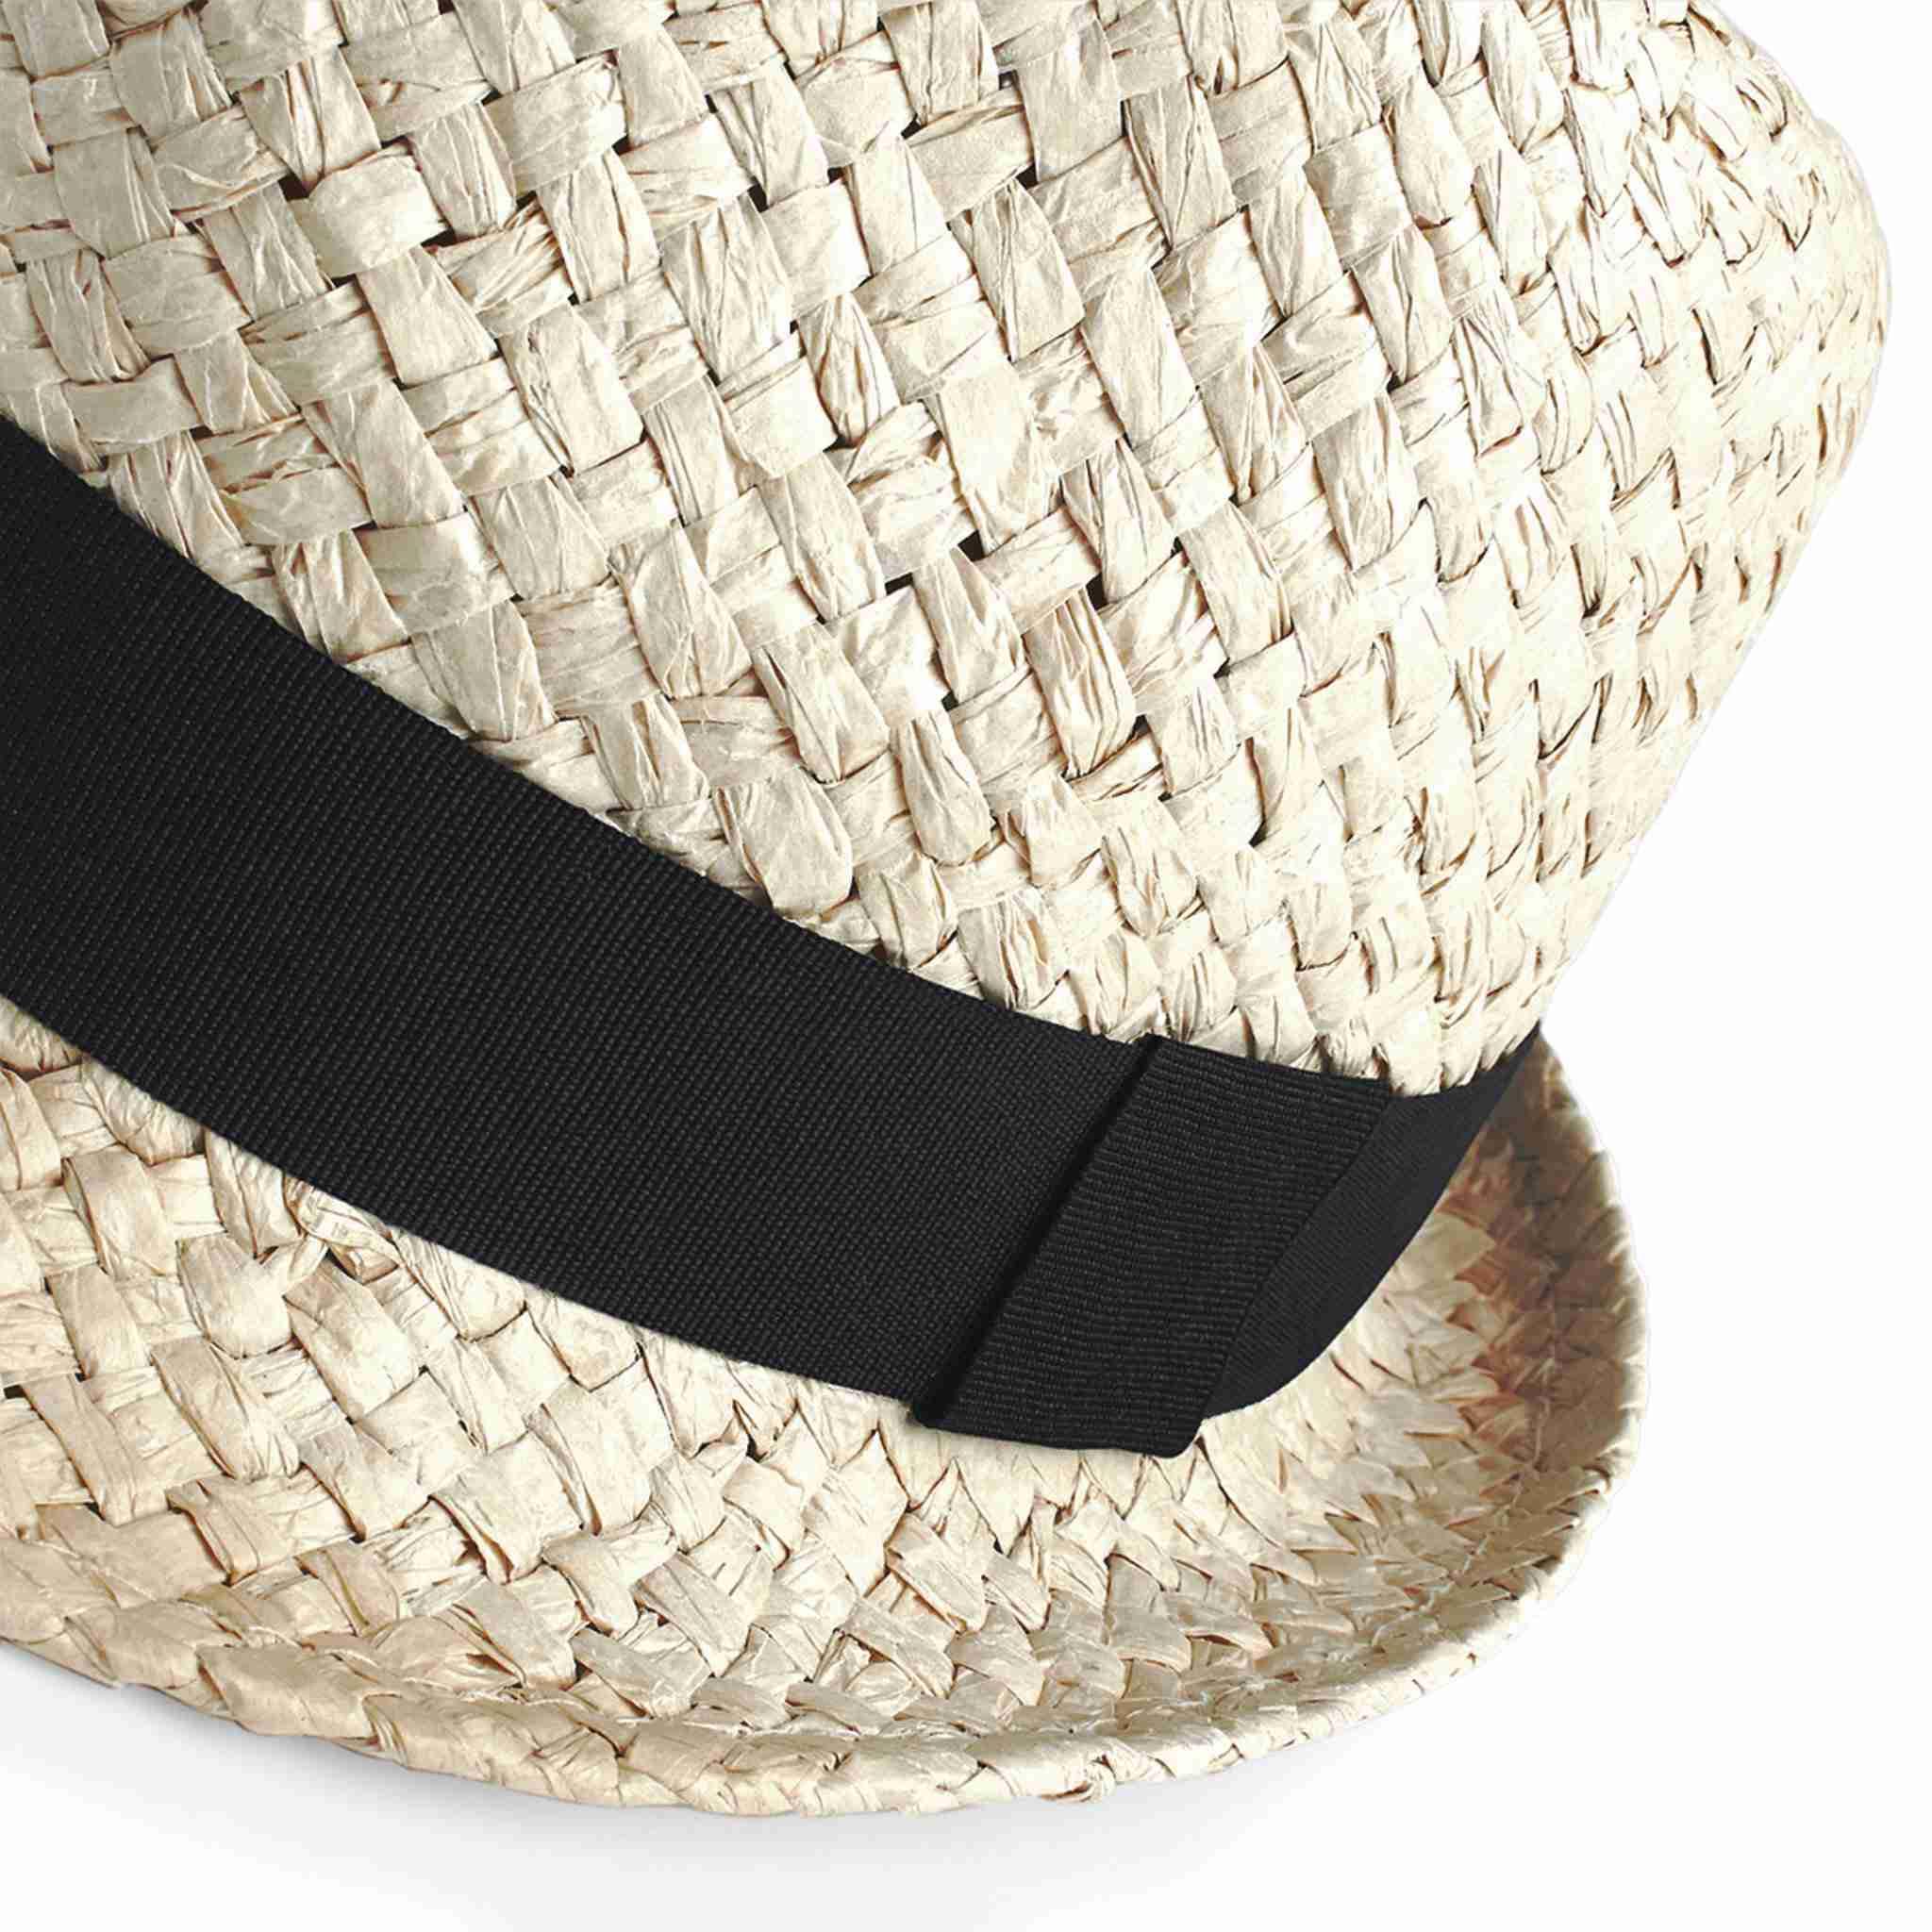 Chapeau personnalisable écologique Trilby - chapeau promotionnel